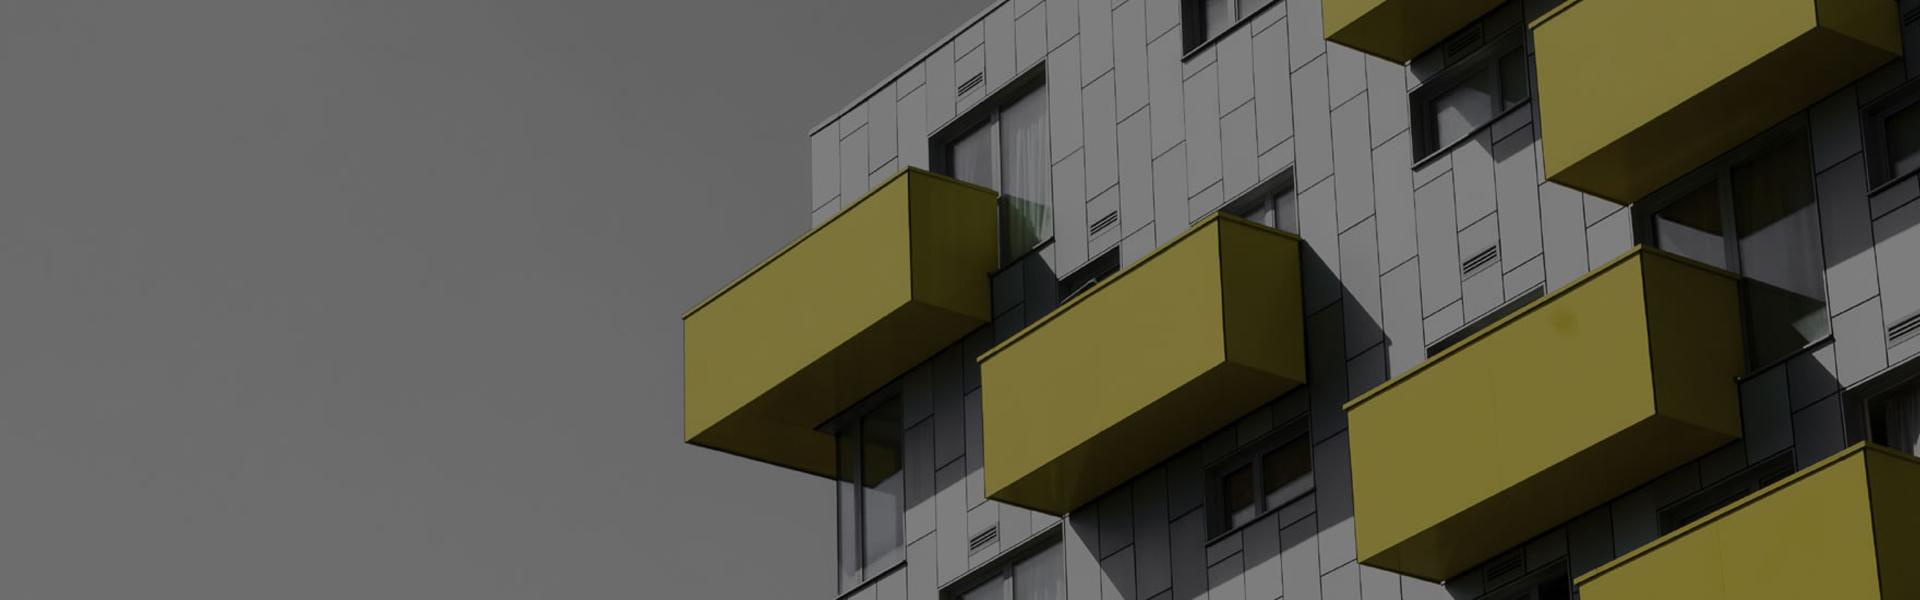 obra_nueva_y_construccion_en_lanzarote_01